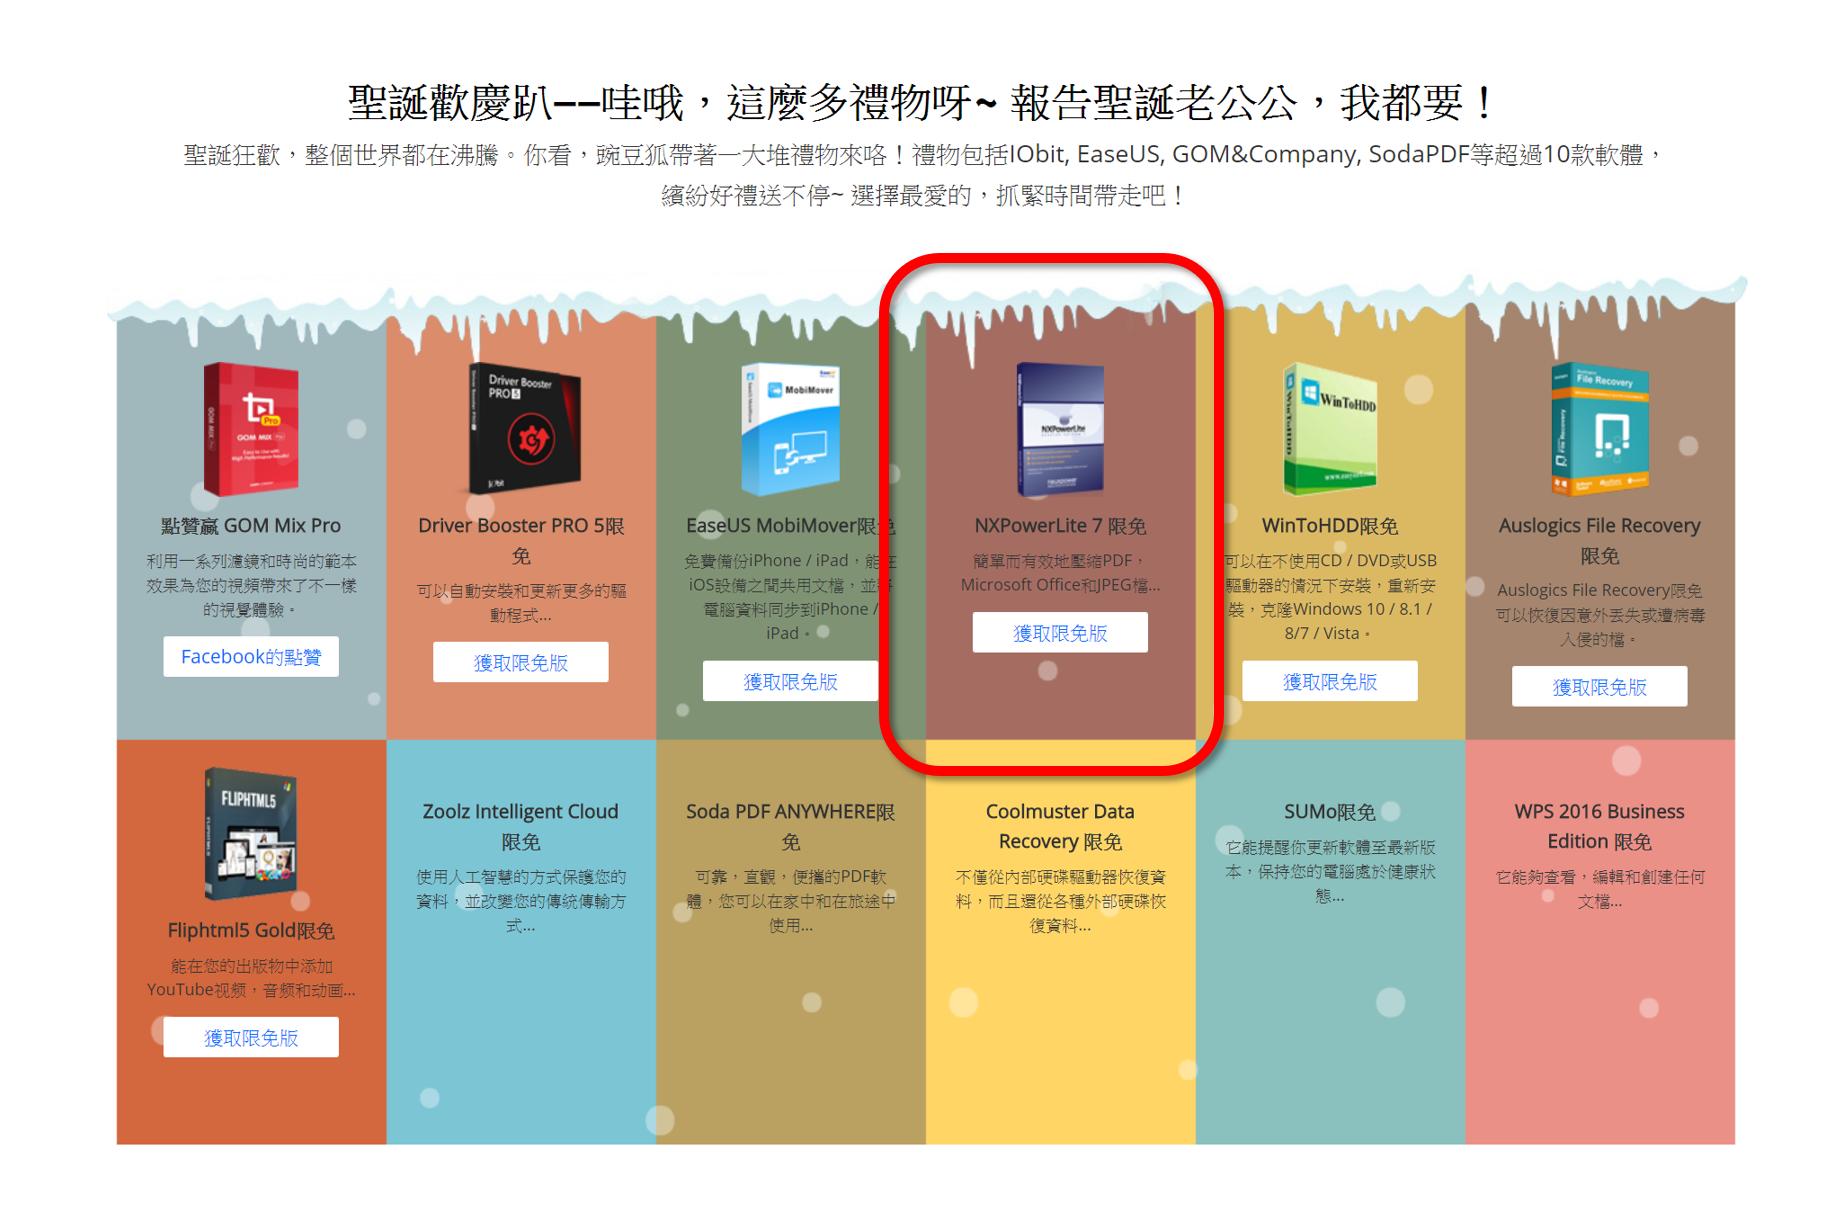 超強 Office 文件壓縮瘦身軟體!NXPowerLite 7 聖誕節限時免費!快下載免費註冊! @3C 達人廖阿輝